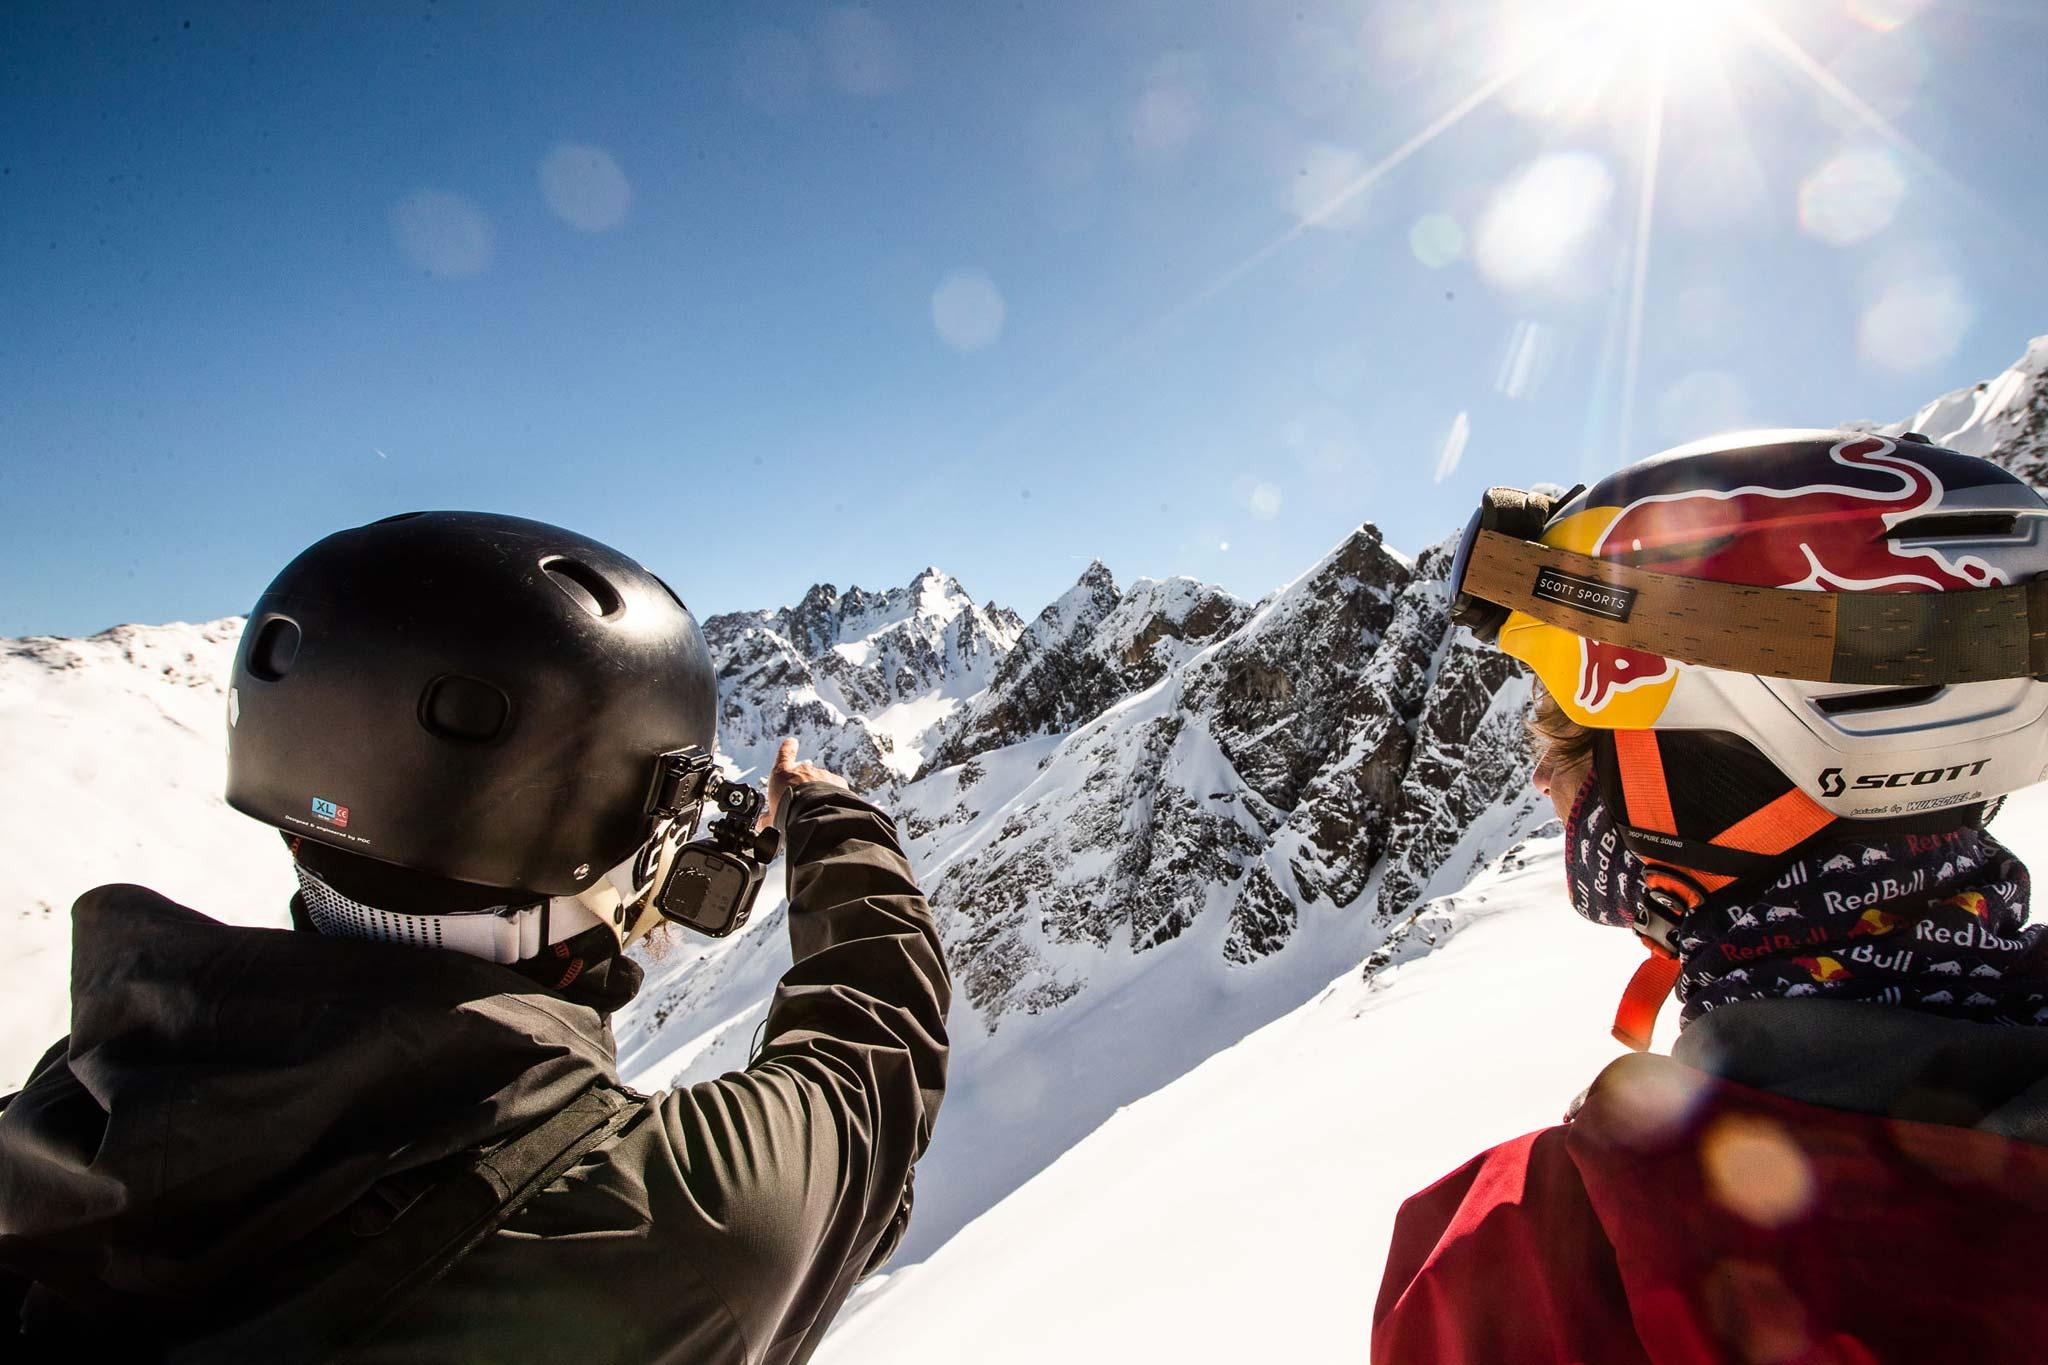 Vor dem Aufstieg und der Abfahrt kommt das Scouting. - Foto: Flo Breitenberger